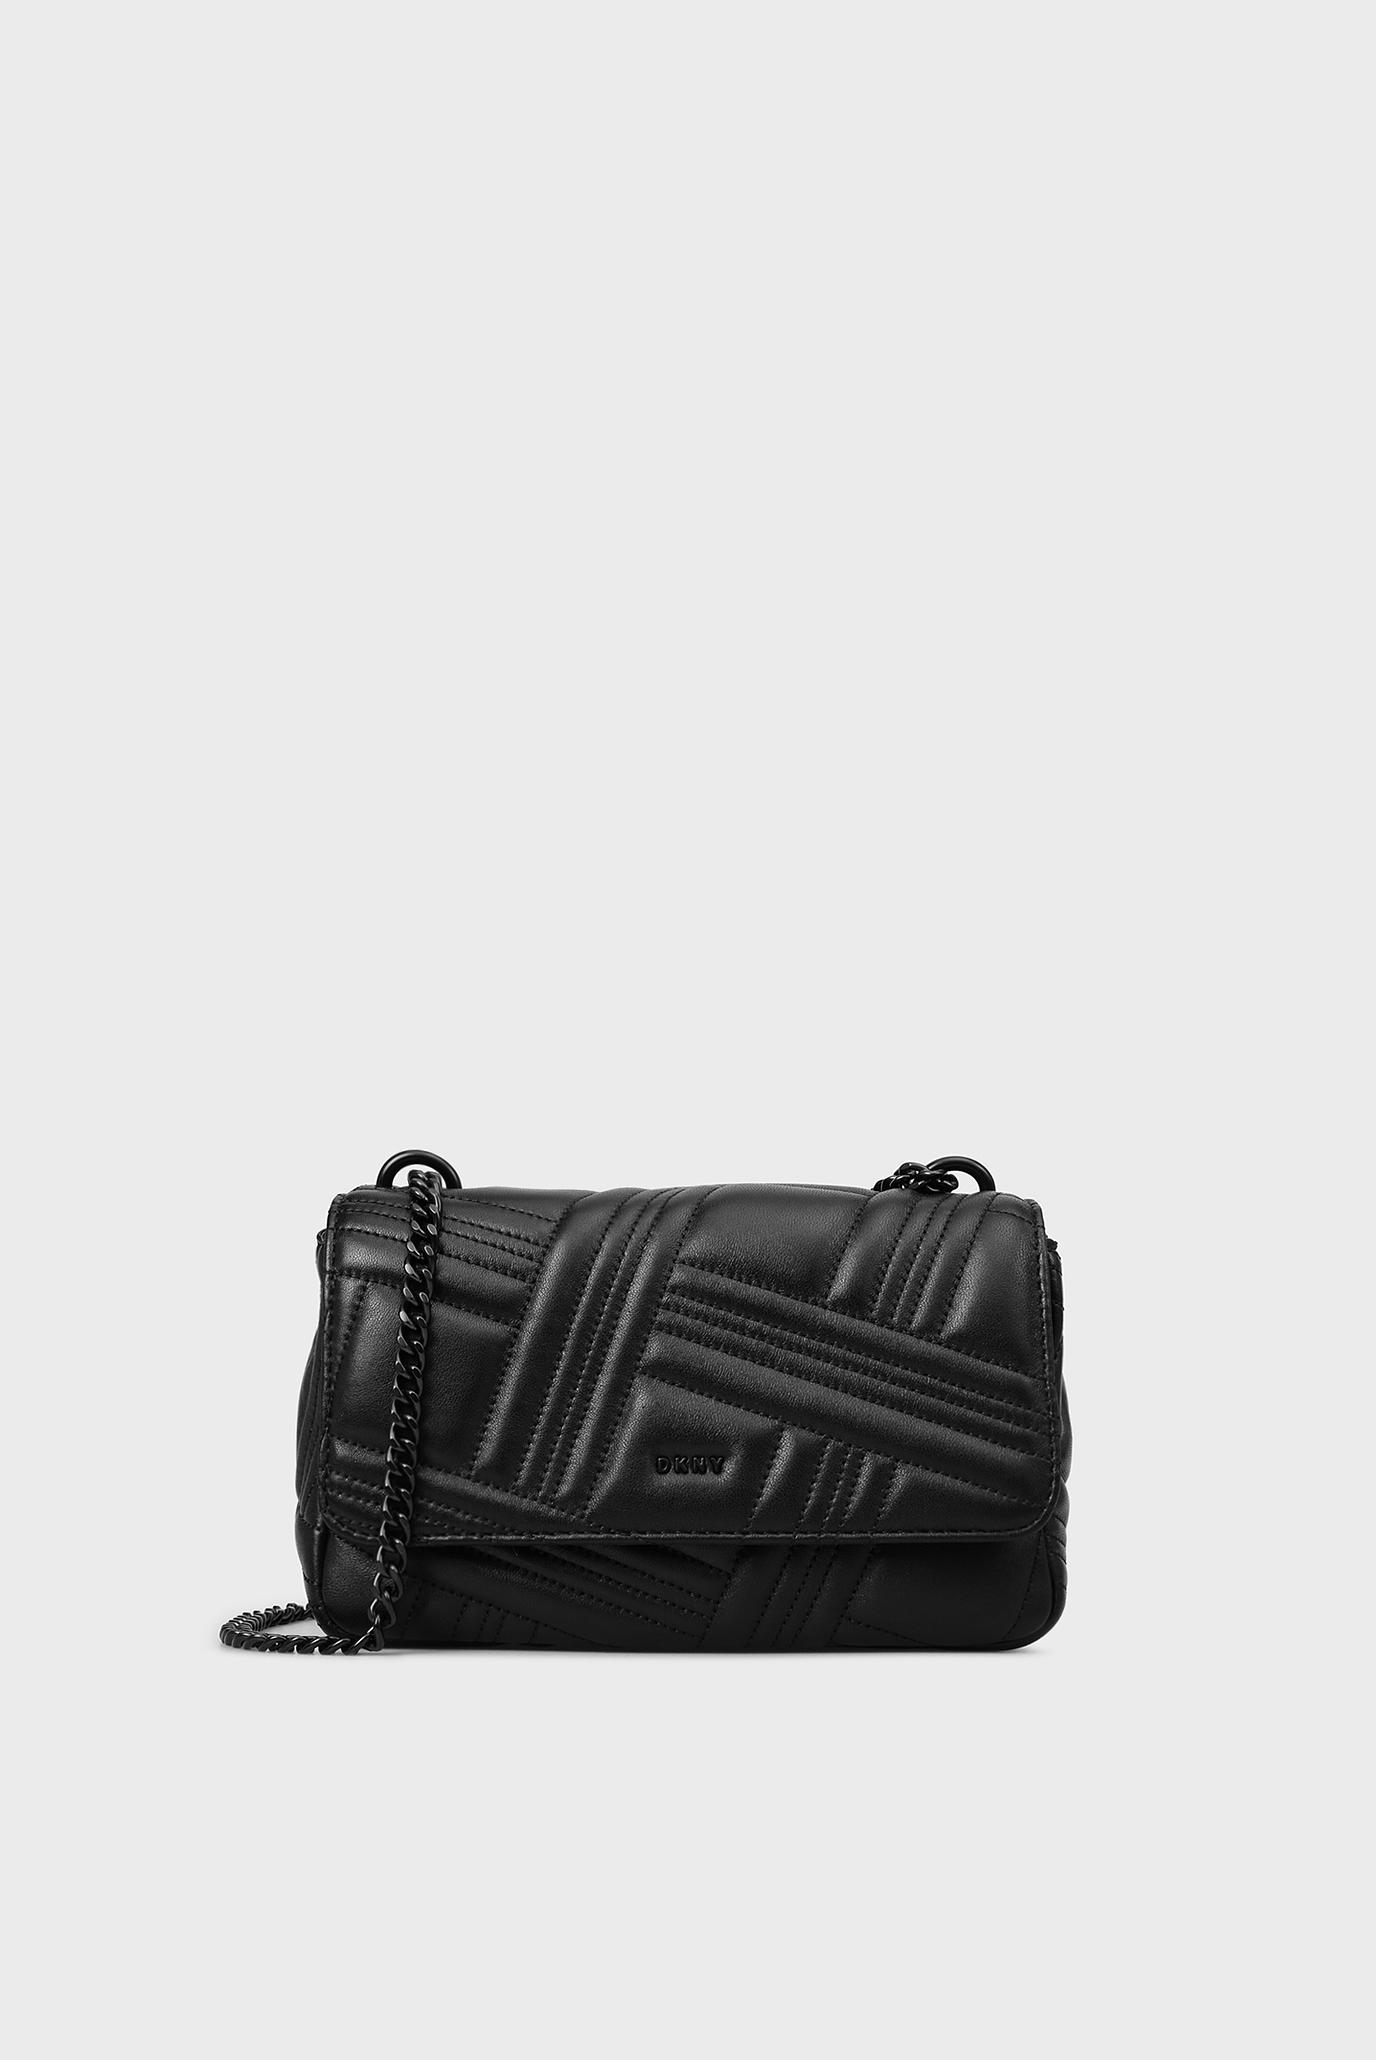 31dbdaf2ce92 Купить Женская черная кожаная сумка через плечо DKNY DKNY R833B638 – Киев,  Украина. Цены в интернет магазине ...